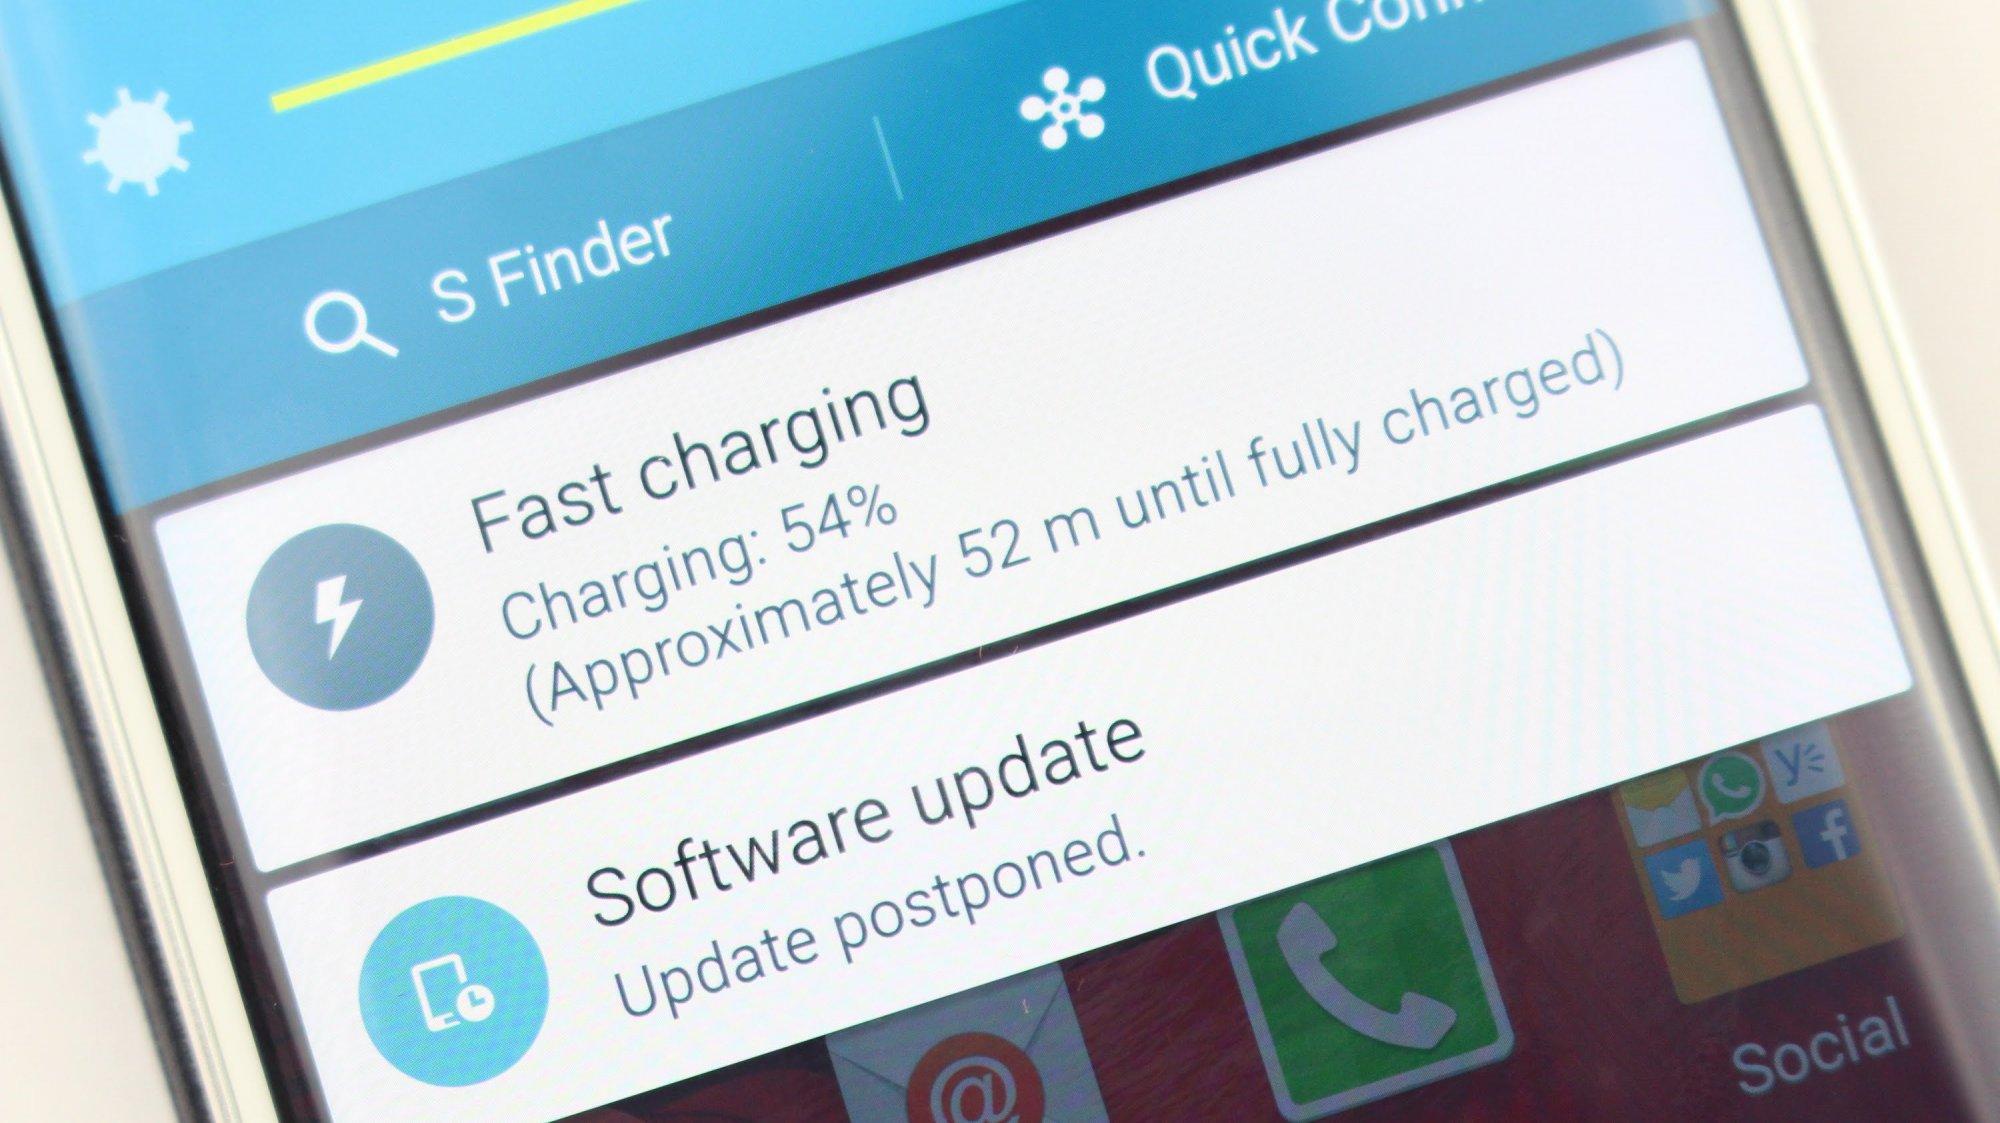 Báo chế độ sạc nhanh Samsung S7